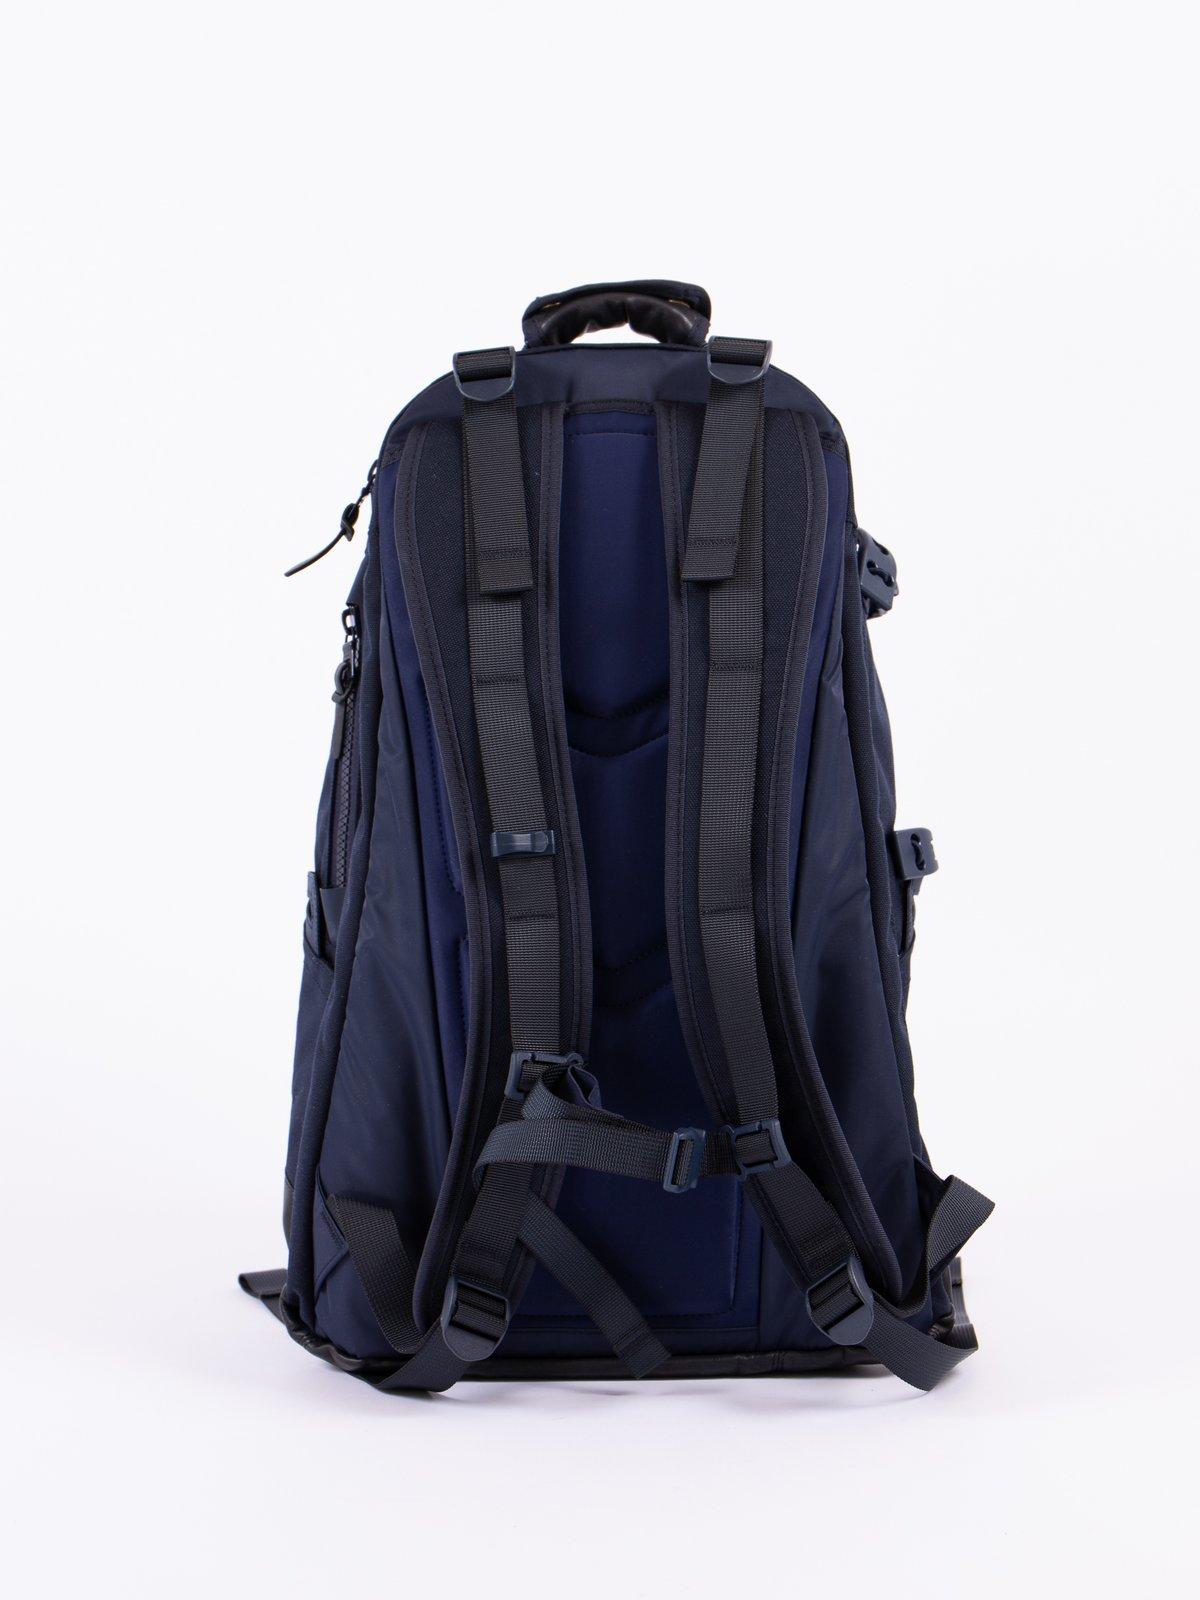 Navy Fra Veg Lamb 20L Cordura Backpack - Image 2